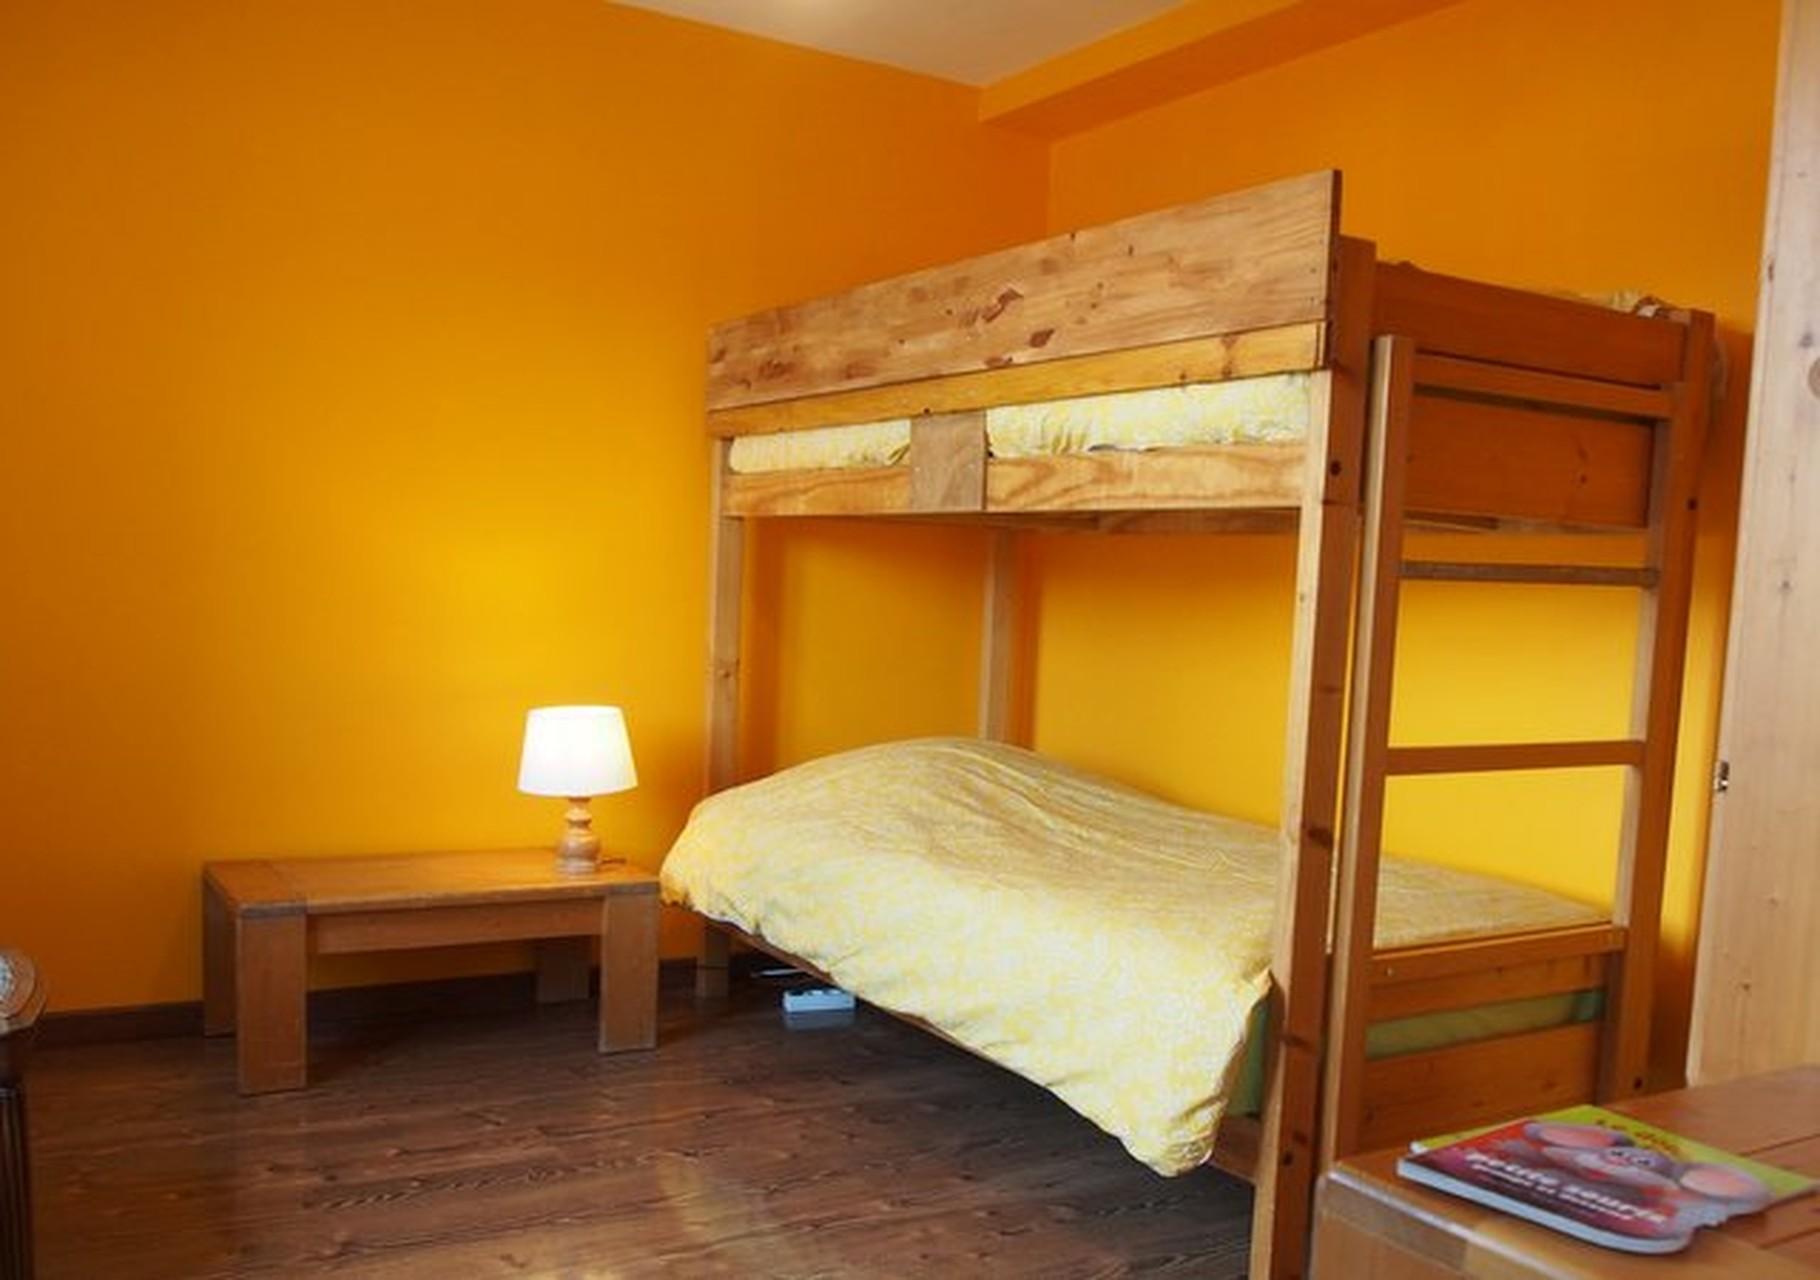 chambre pour deux personnes avec lits superposés